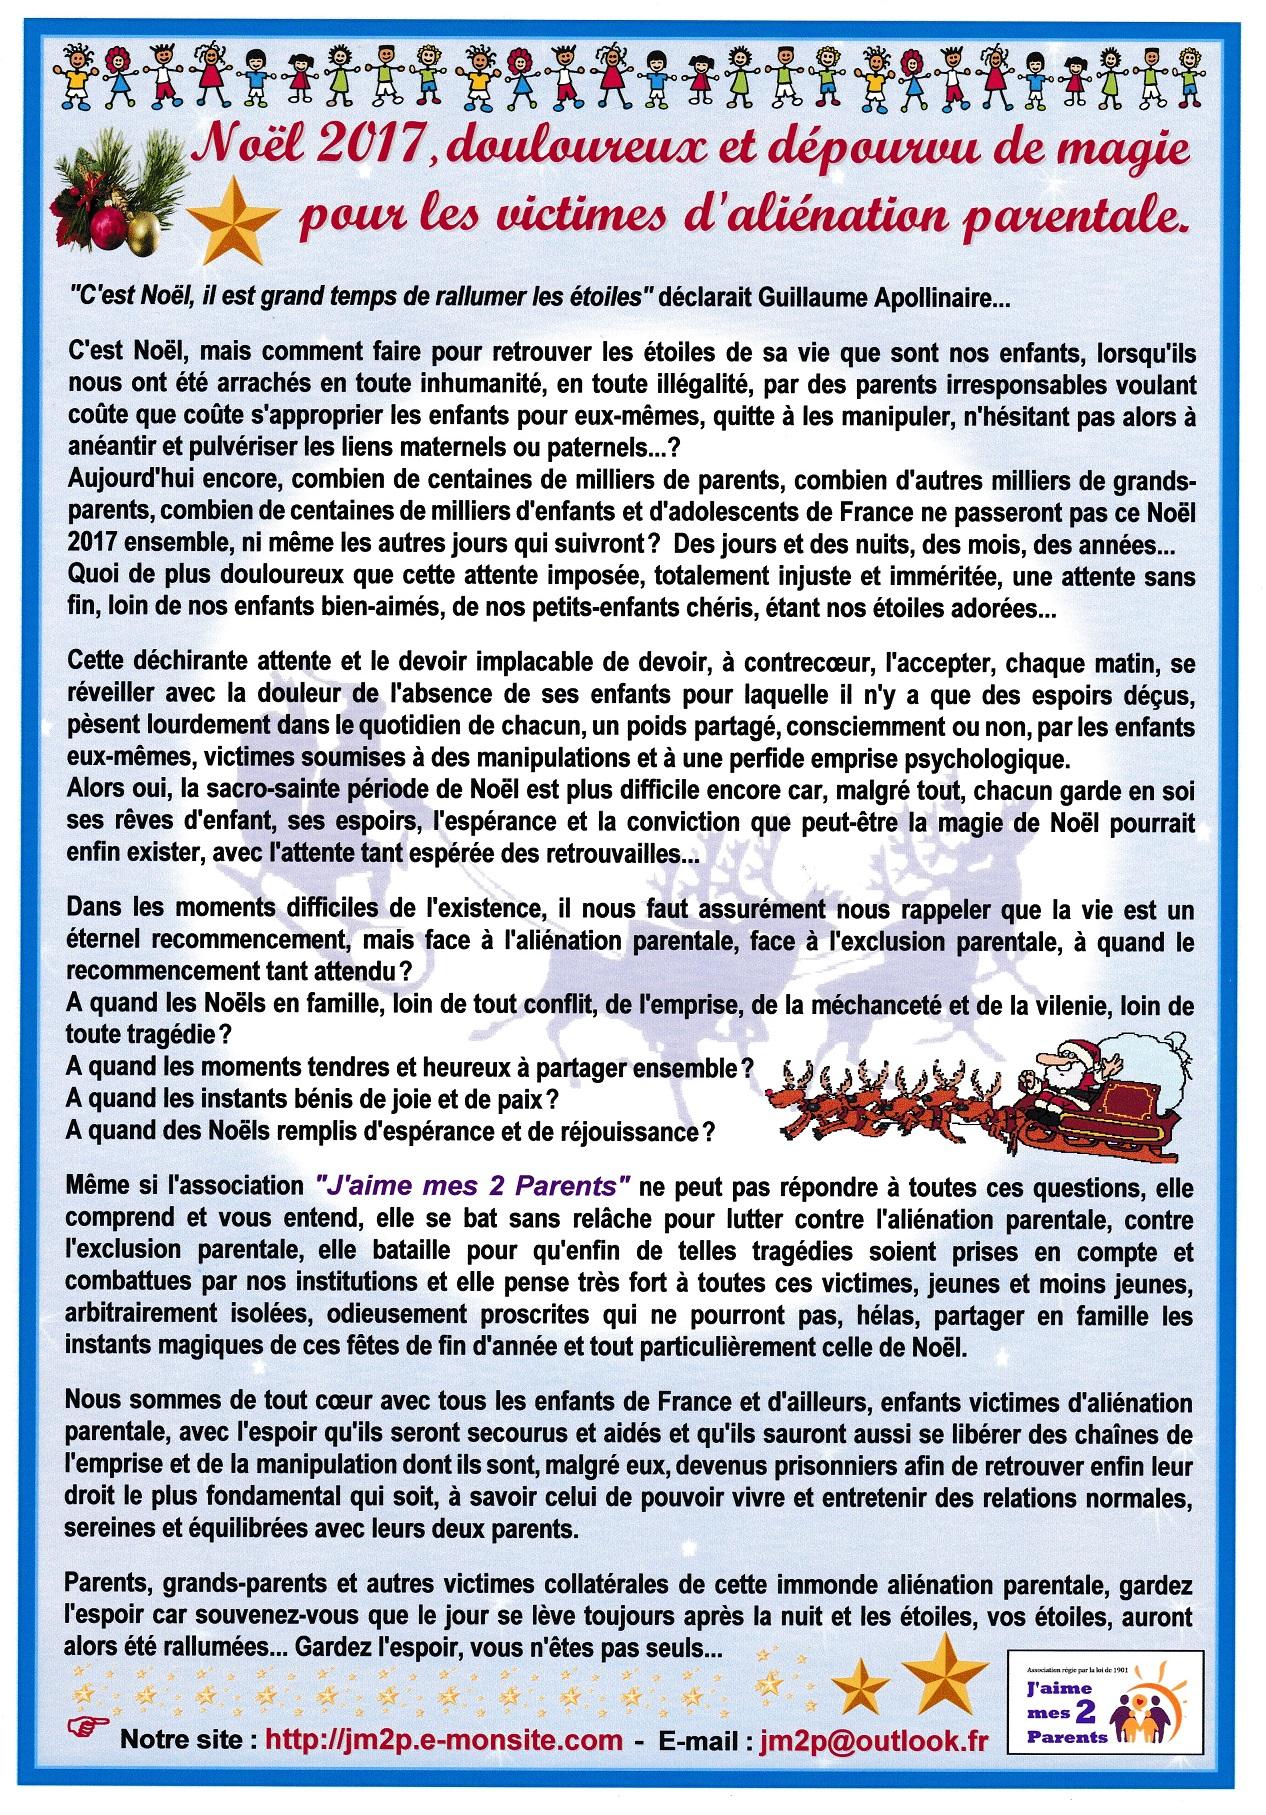 Association jm2p un douloureux noel 2017 pour les victimes d alienation parentale